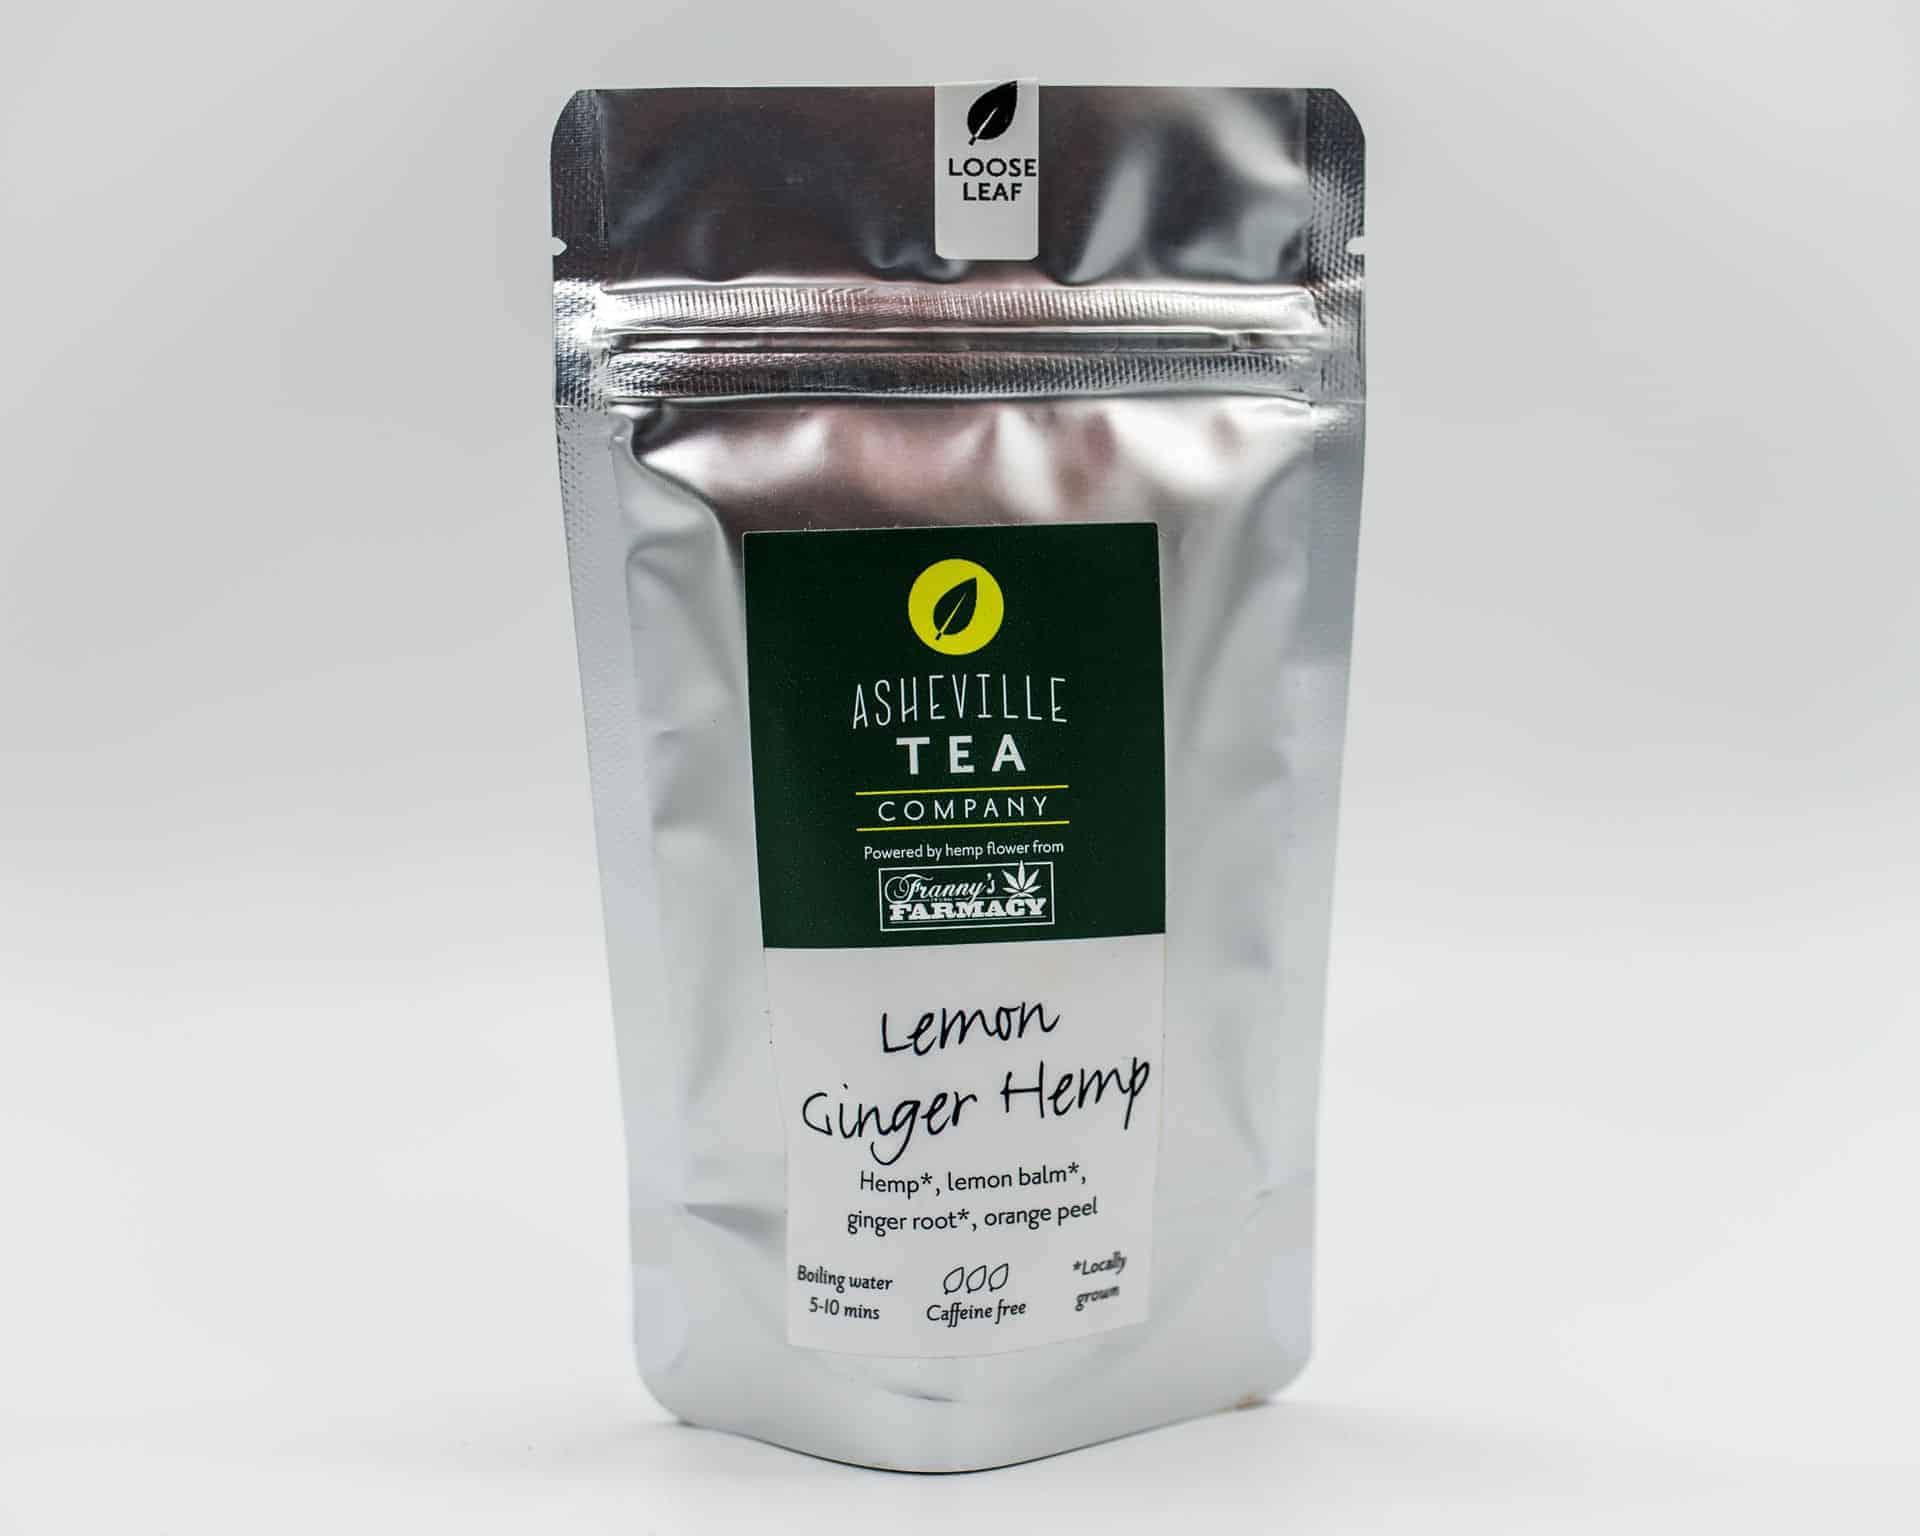 Asheville Tea Company Lemon Ginger Hemp Flavor